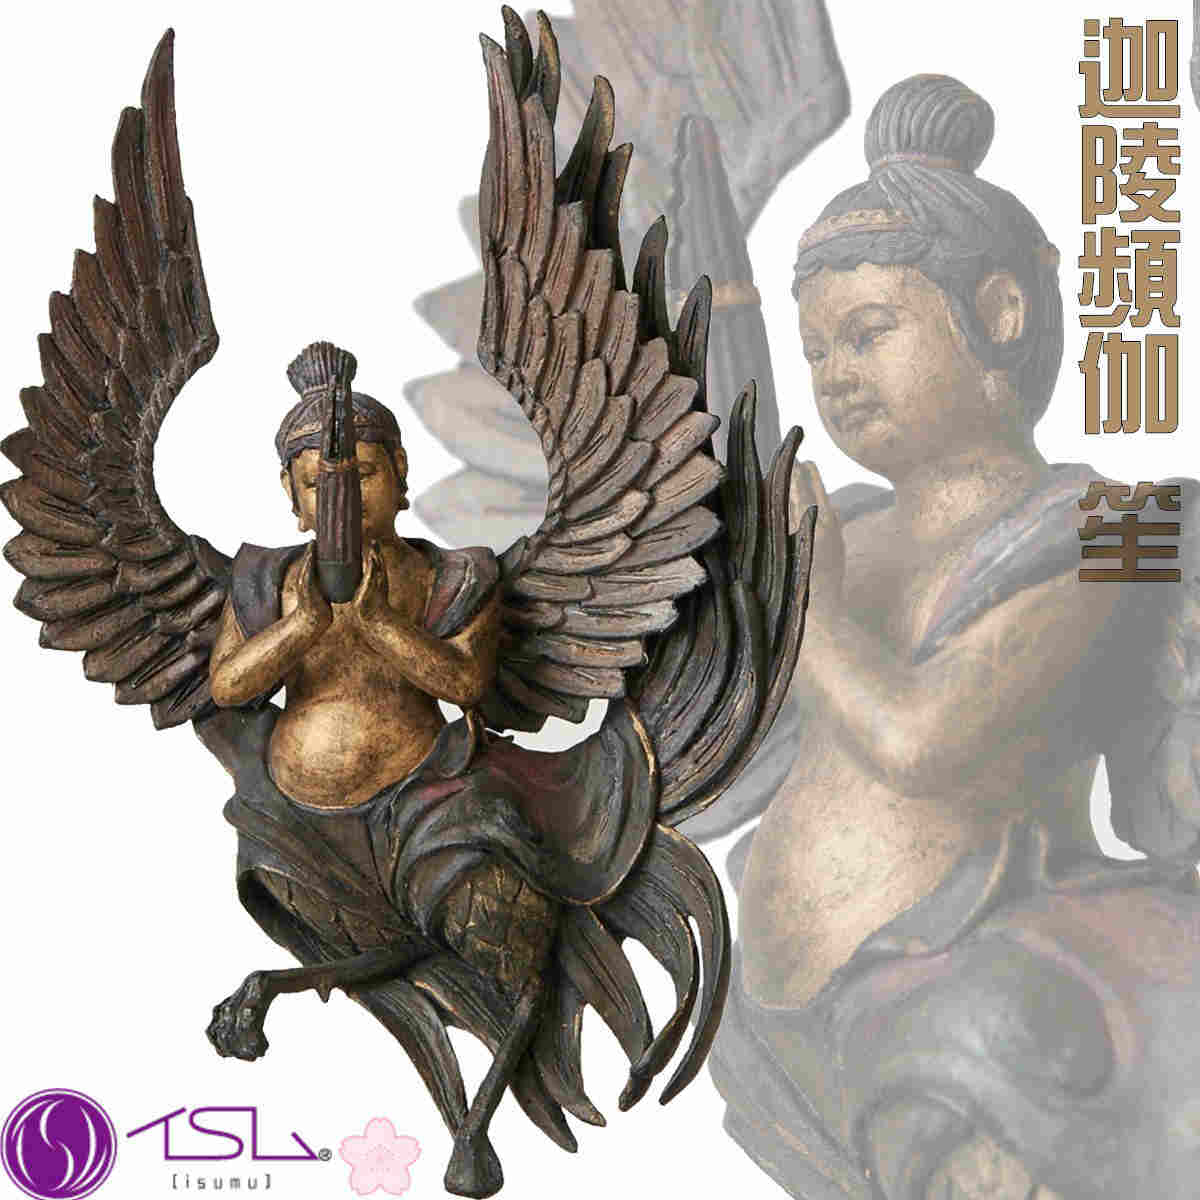 迦陵頻伽 笙 | かりょうびんが しょう | 約159(H)×83(W)×59(D)mm 110g | イSム TanaCOCORO 掌 | 仏像 | イスム